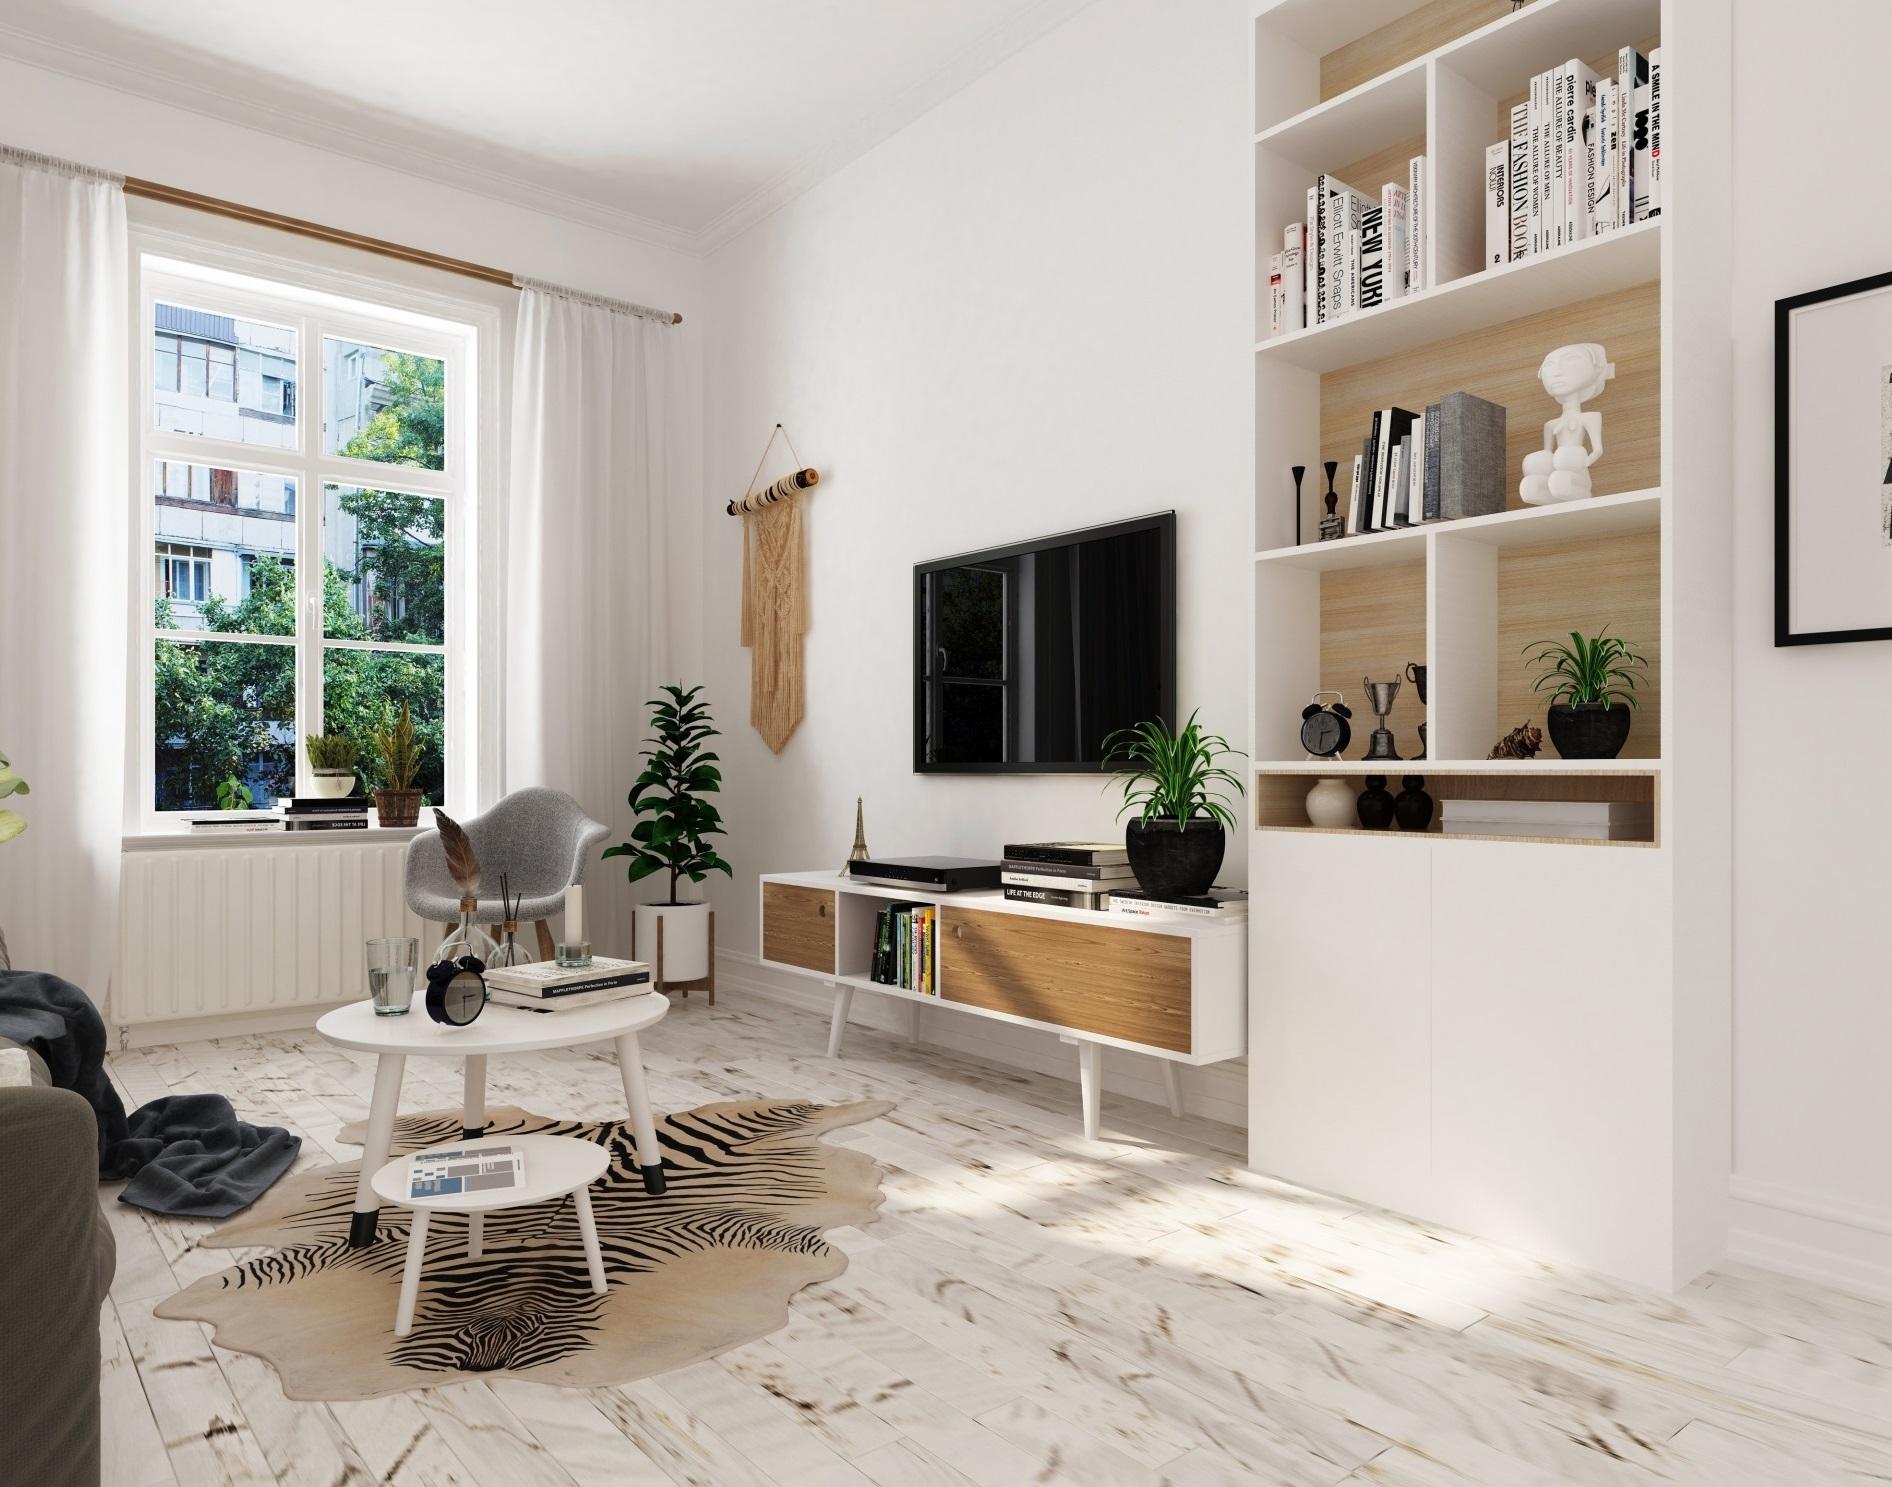 家具・家電・インテリアのおすすめレンタルサービスを比較【月額・サブスクリプション】